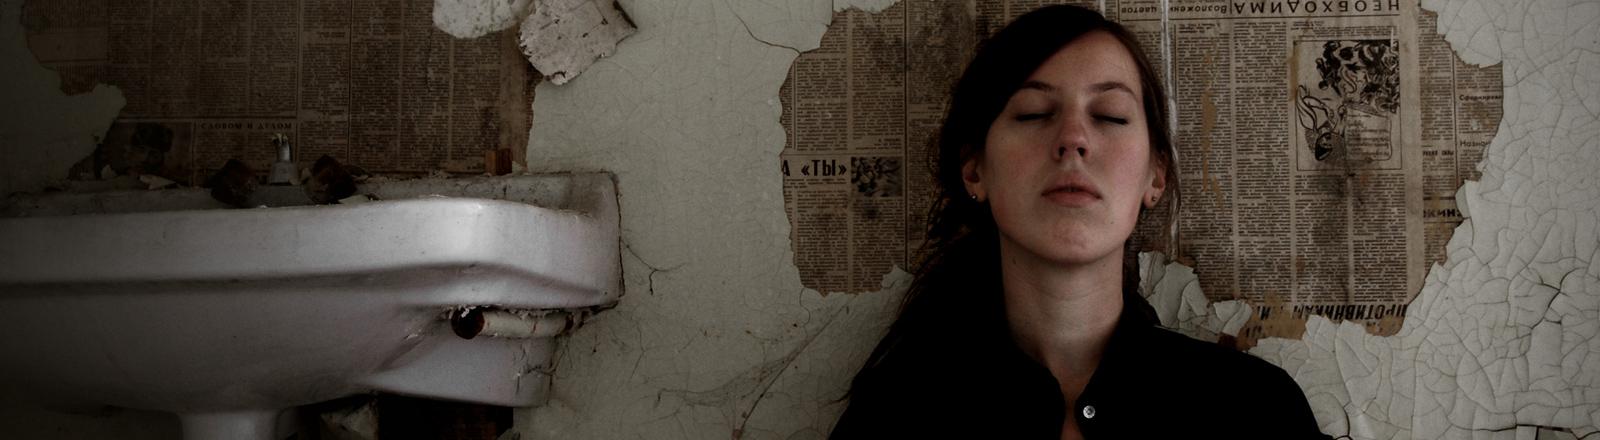 Eine Frau sitzt mit geschlossenen Augen an eine Wand ohne Tapeten gelehnt.